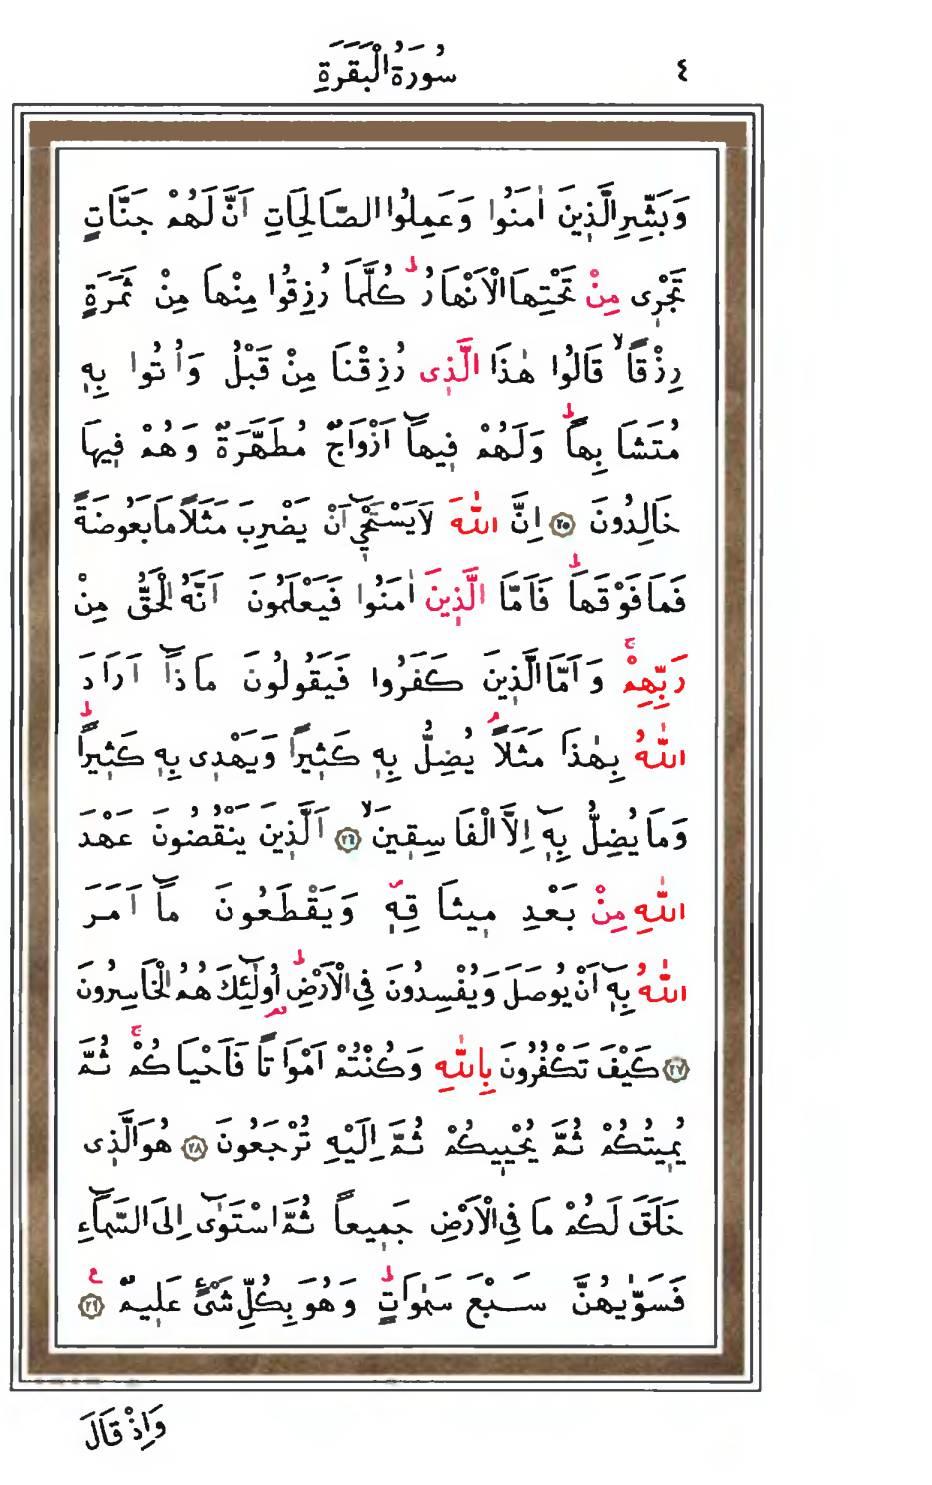 Книга Коран на русском языке скачать